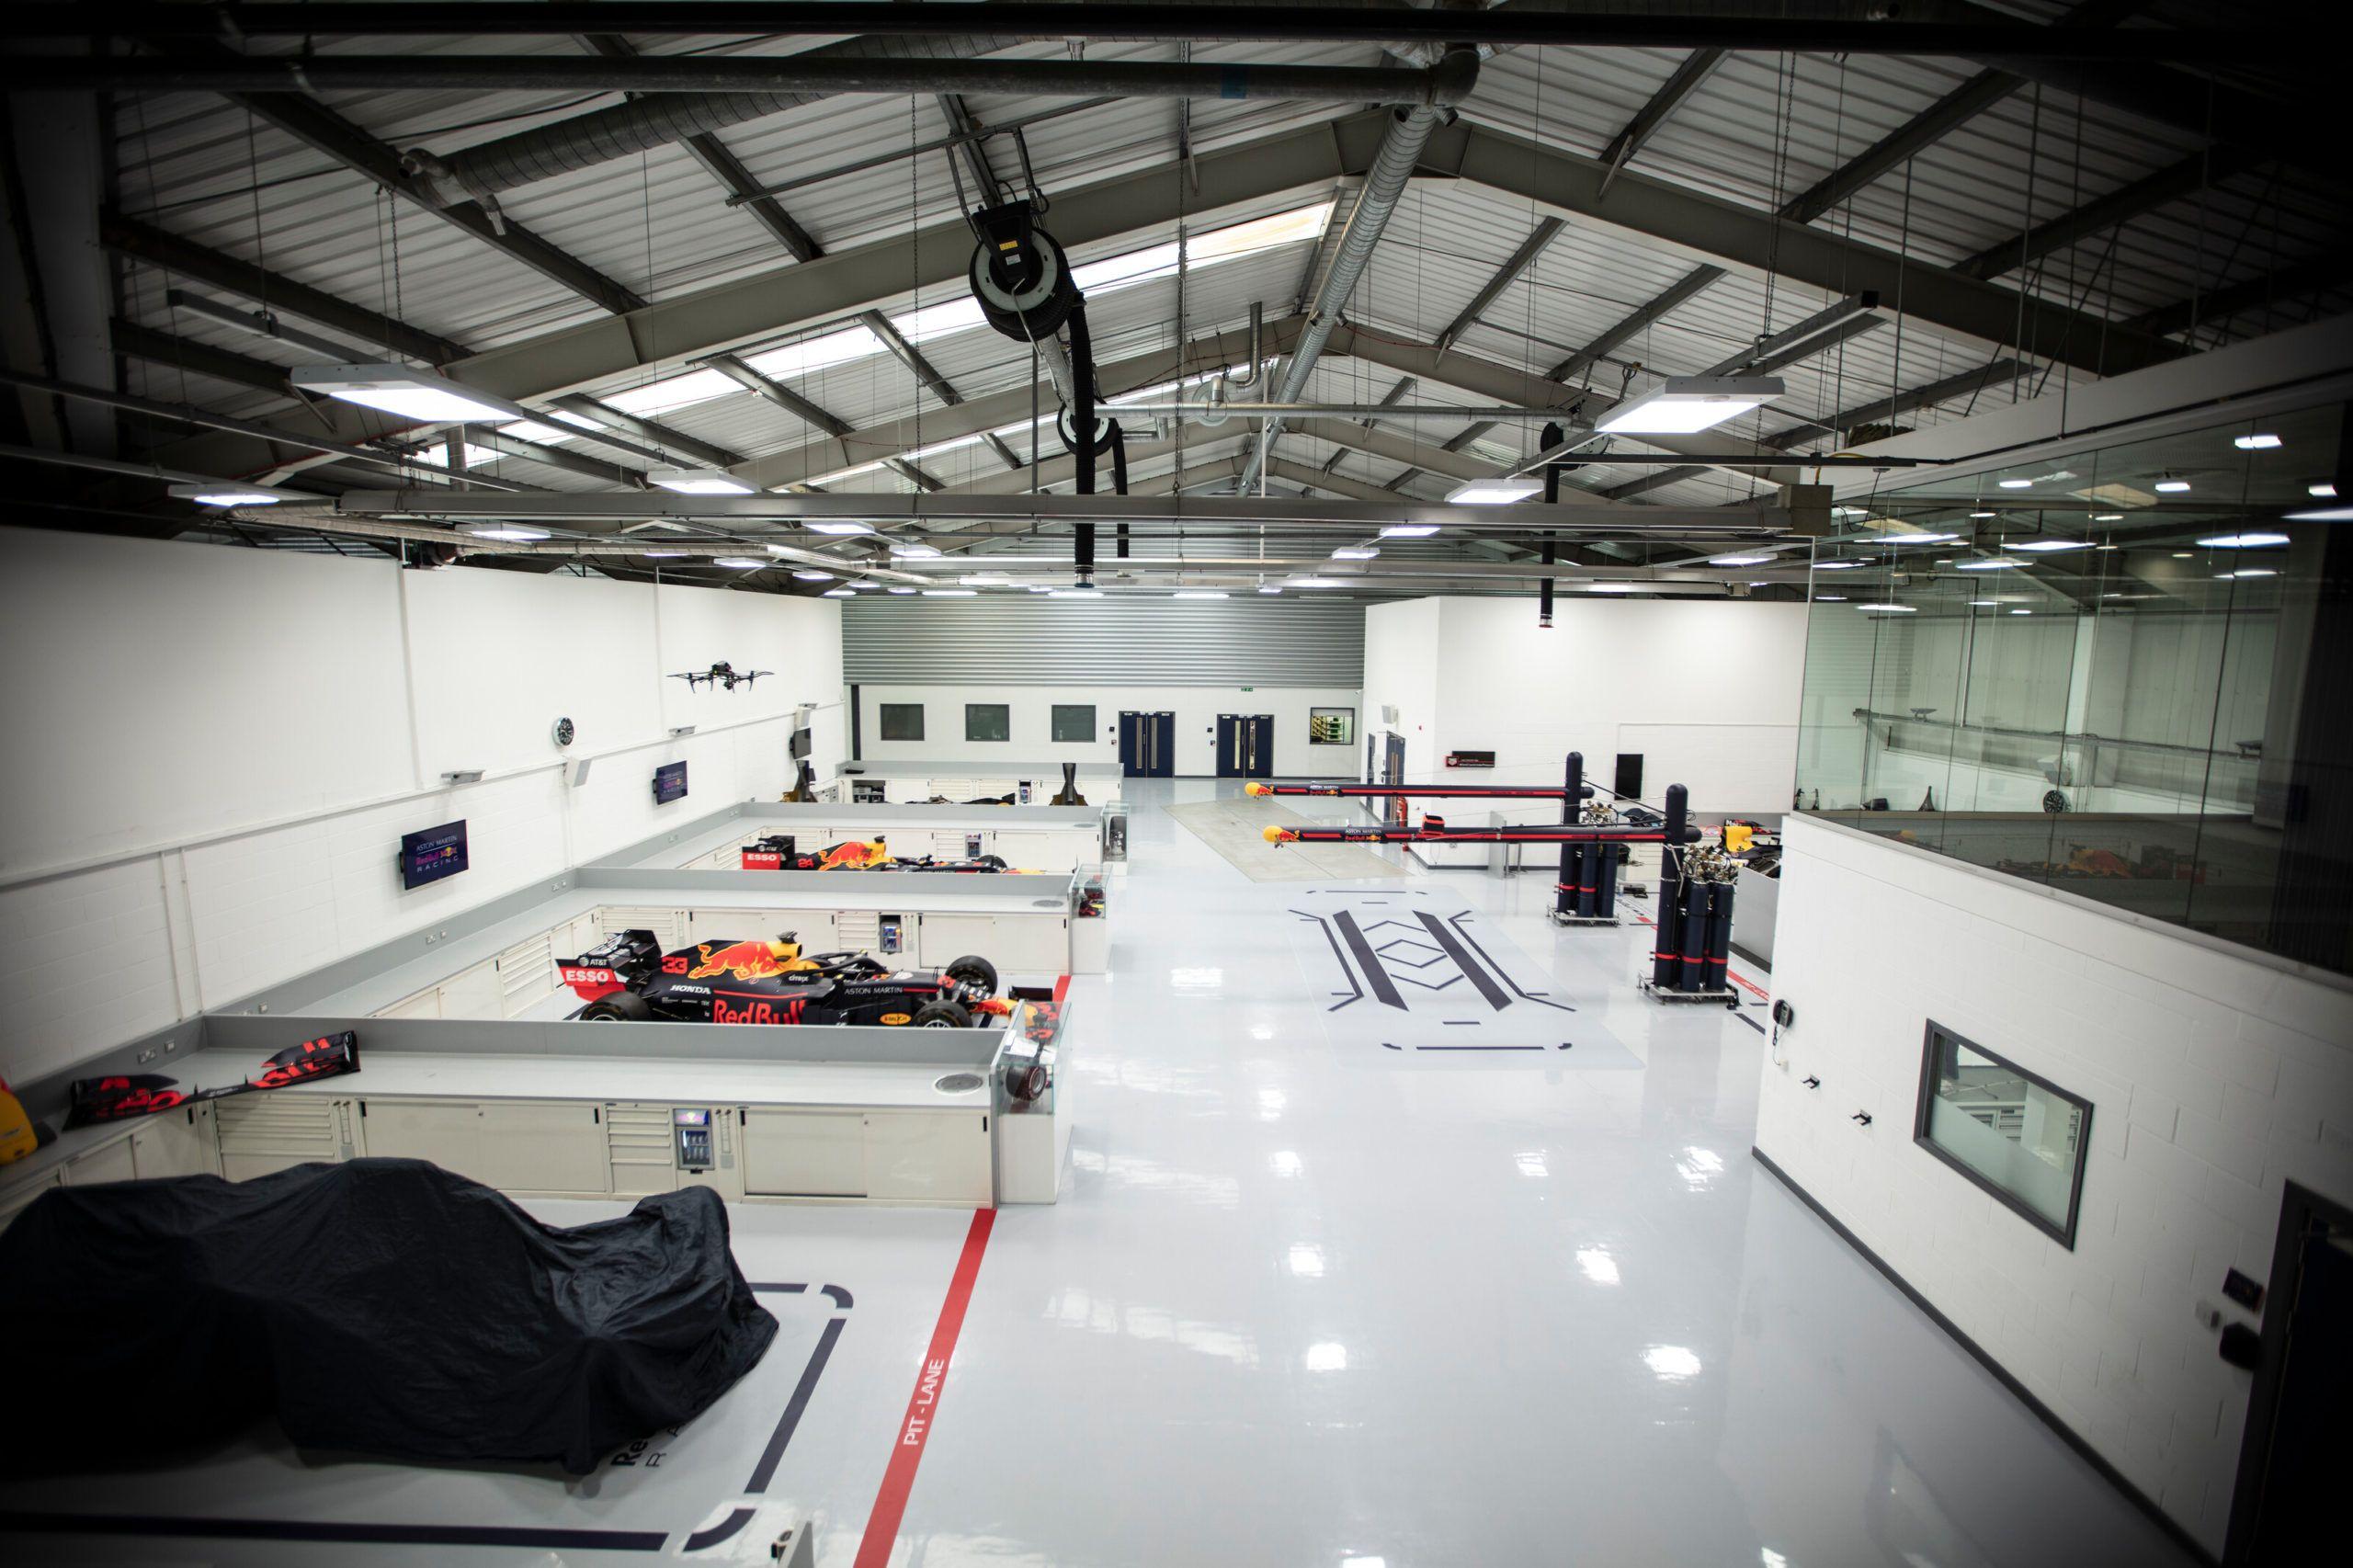 Red Bull, F1, Helmut Marko, Ferrari